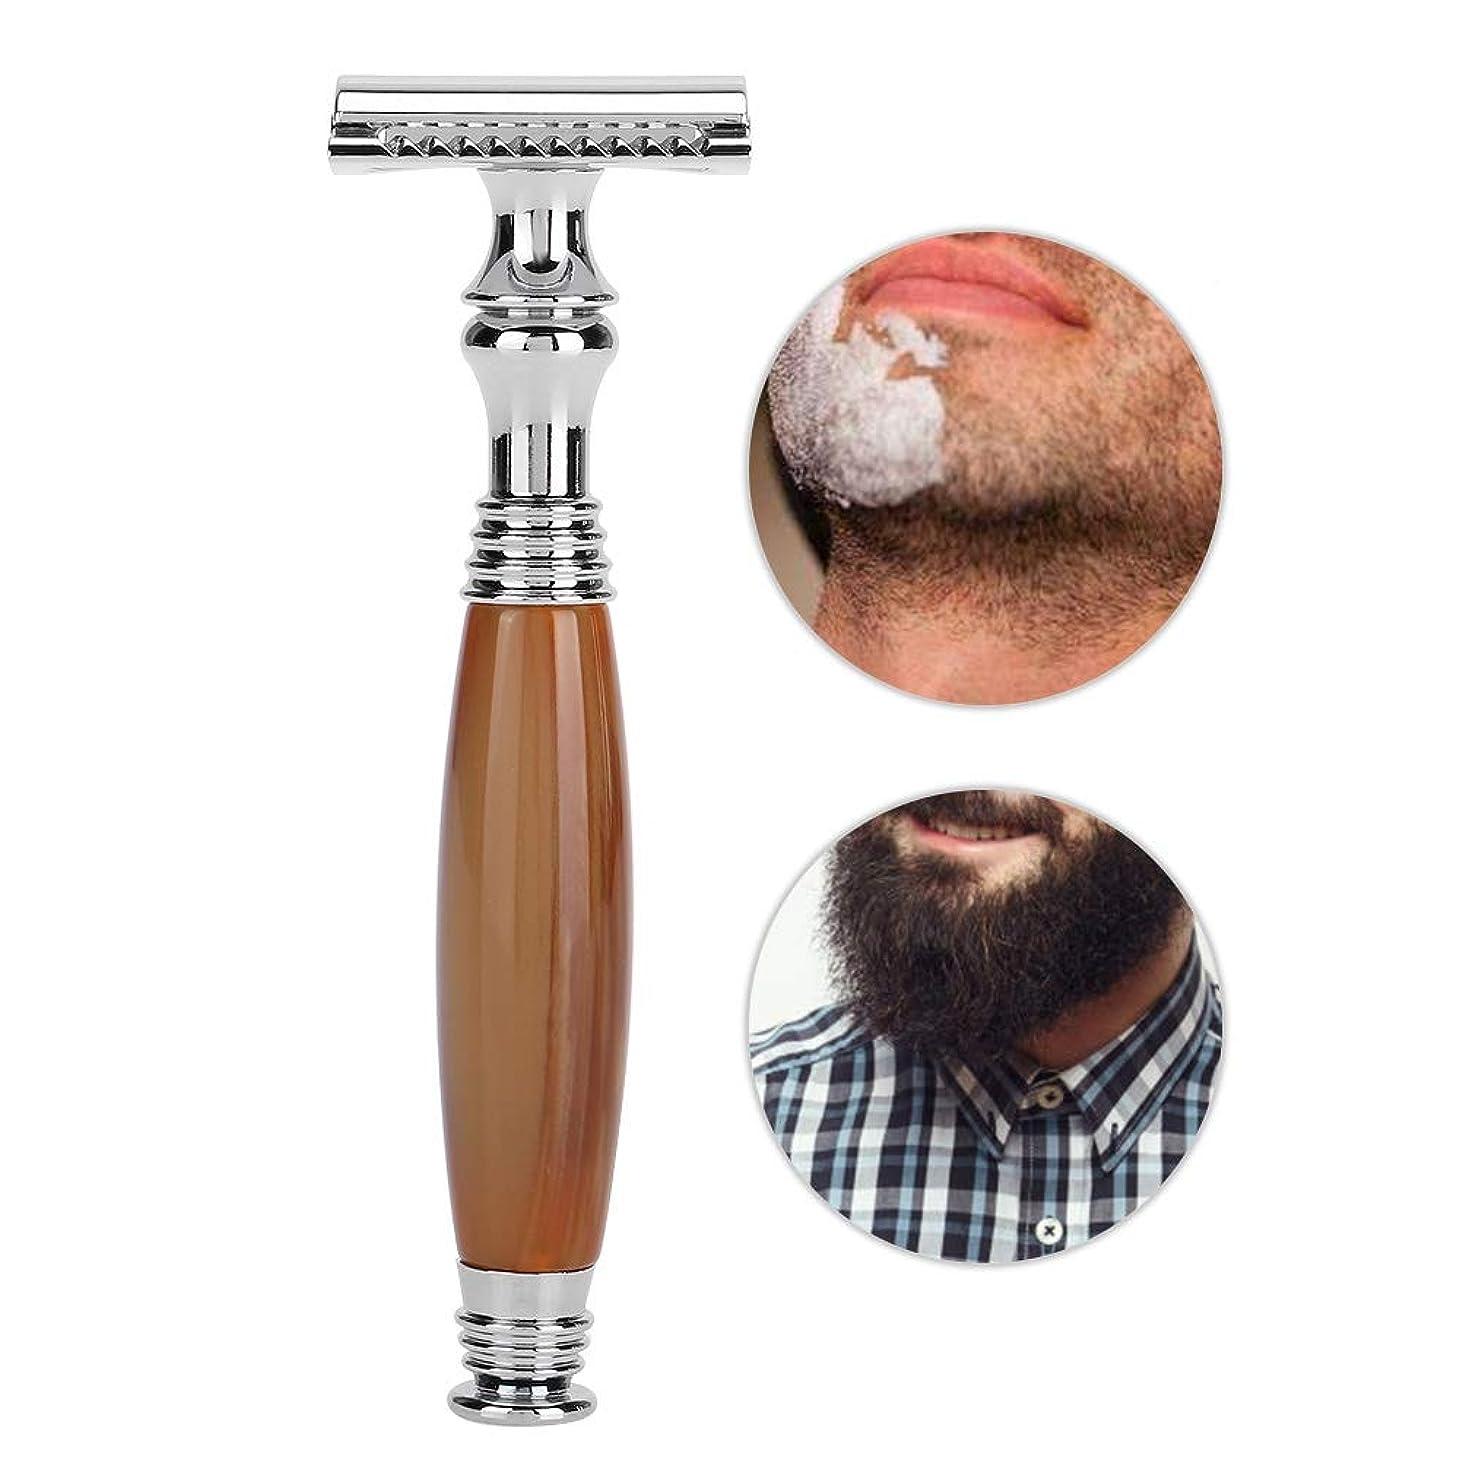 メッセンジャー弁護人ファランクス手動メンズシェーバー、剃刀 メンズシェーバー 6種類の古典的な様式の木のハンドルの二重刃の手動かみそり安全 防水肌に優しく 使いやすい 快適な剃り (5#)